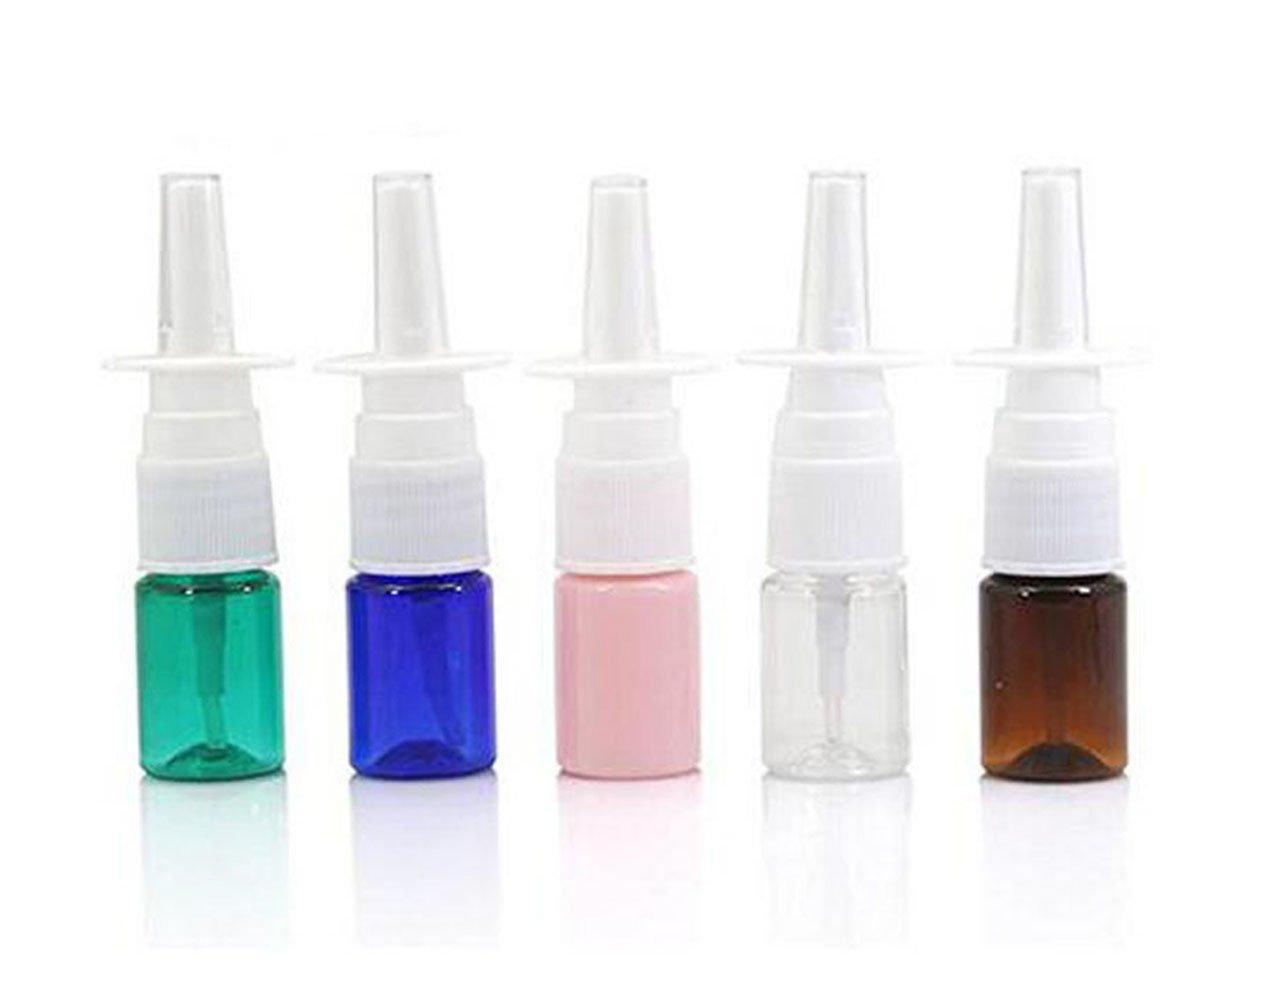 6 mini botellas de plá stico vací as de 5 ml rellenables para spray de nasal, contenedor de frascos de pulverizadores finos para aceites esenciales, perfumes de viaje y coloidales, aplicaciones de plata, salina y color al azar ericotry